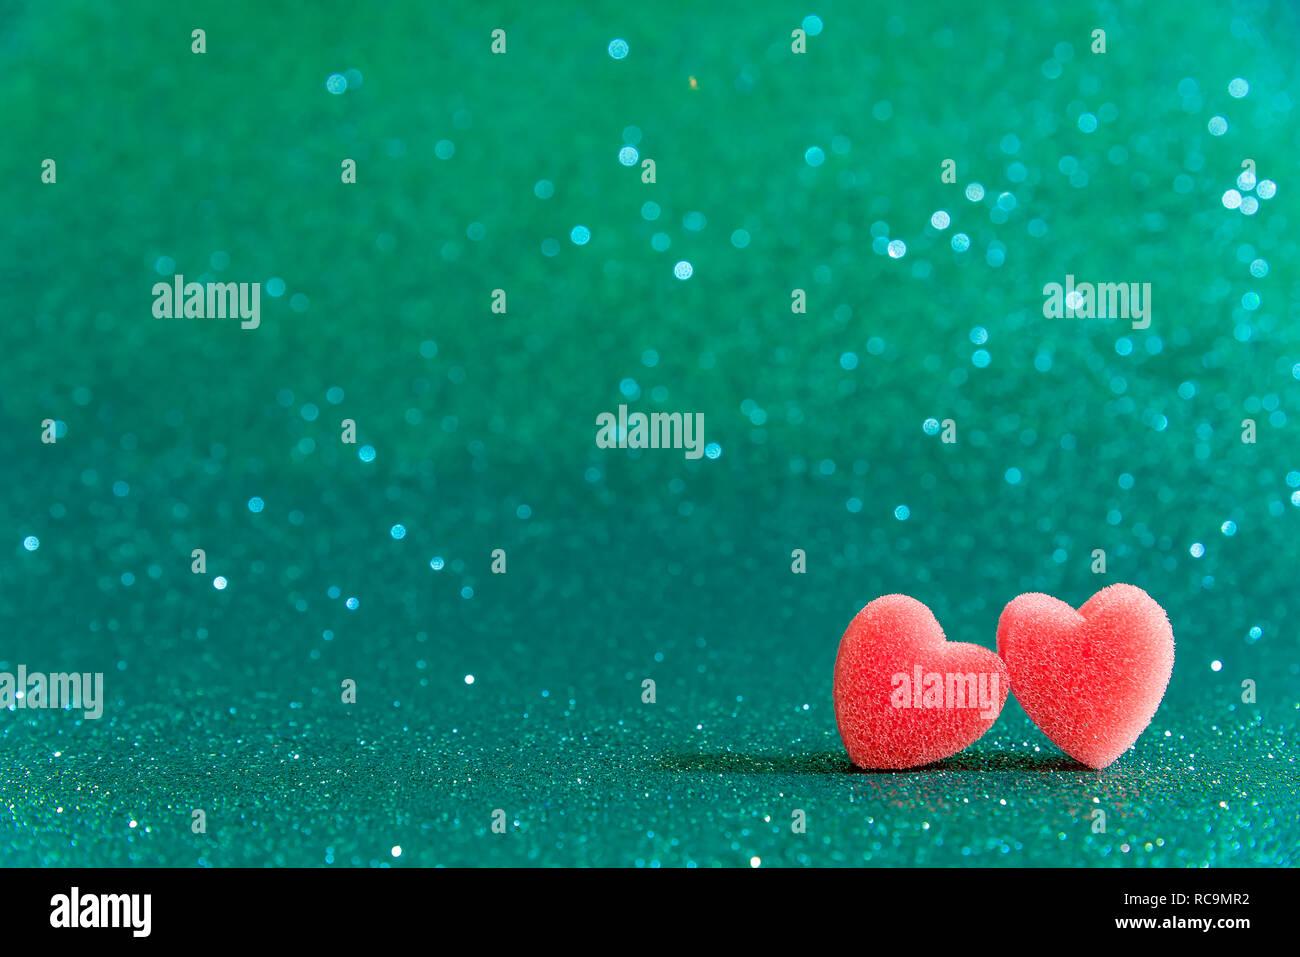 Liebe Geschenke Valentinstag Romanze Einrichtung Kunst Romantische Stockfotografie Alamy